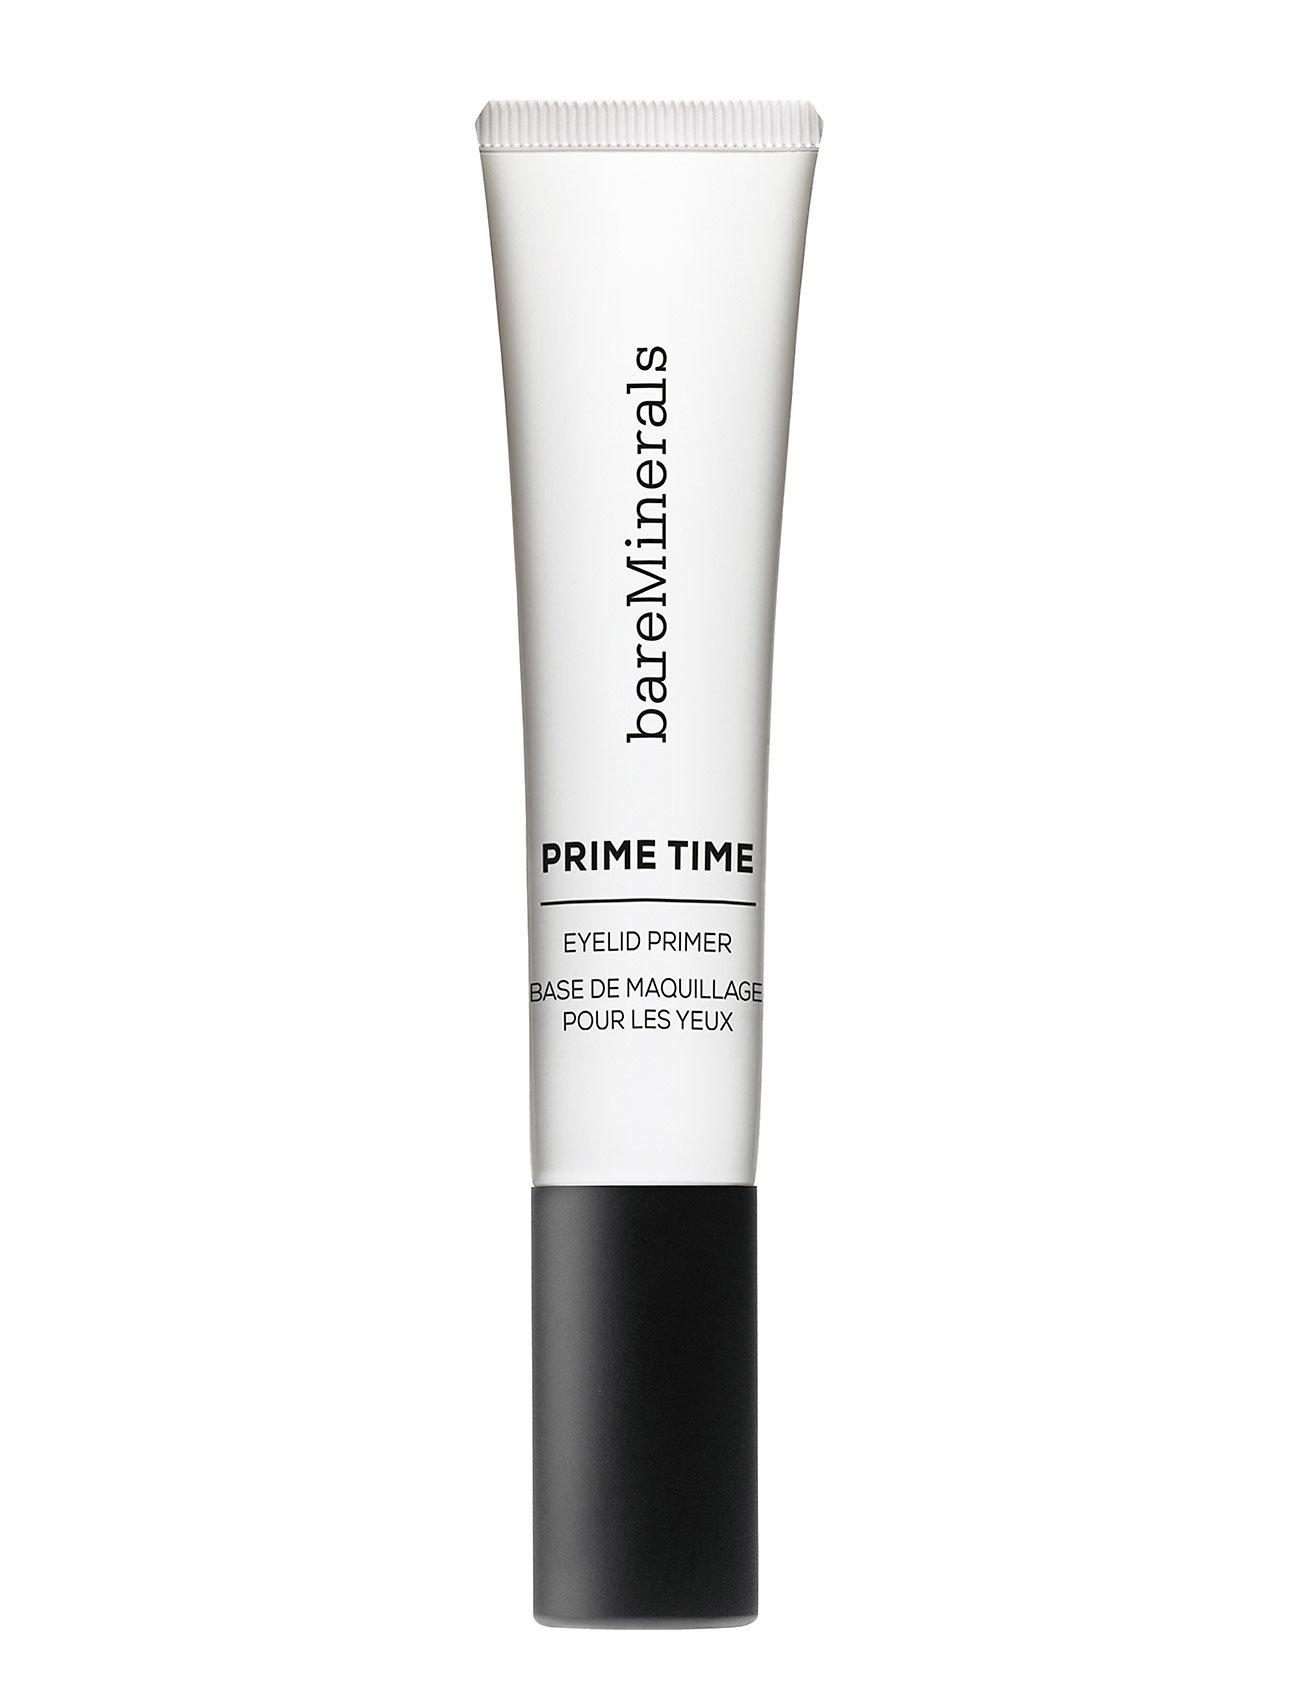 Image of Prime Time Eyelid Primer Øjenprimer Makeup Nude BareMinerals (3292374963)